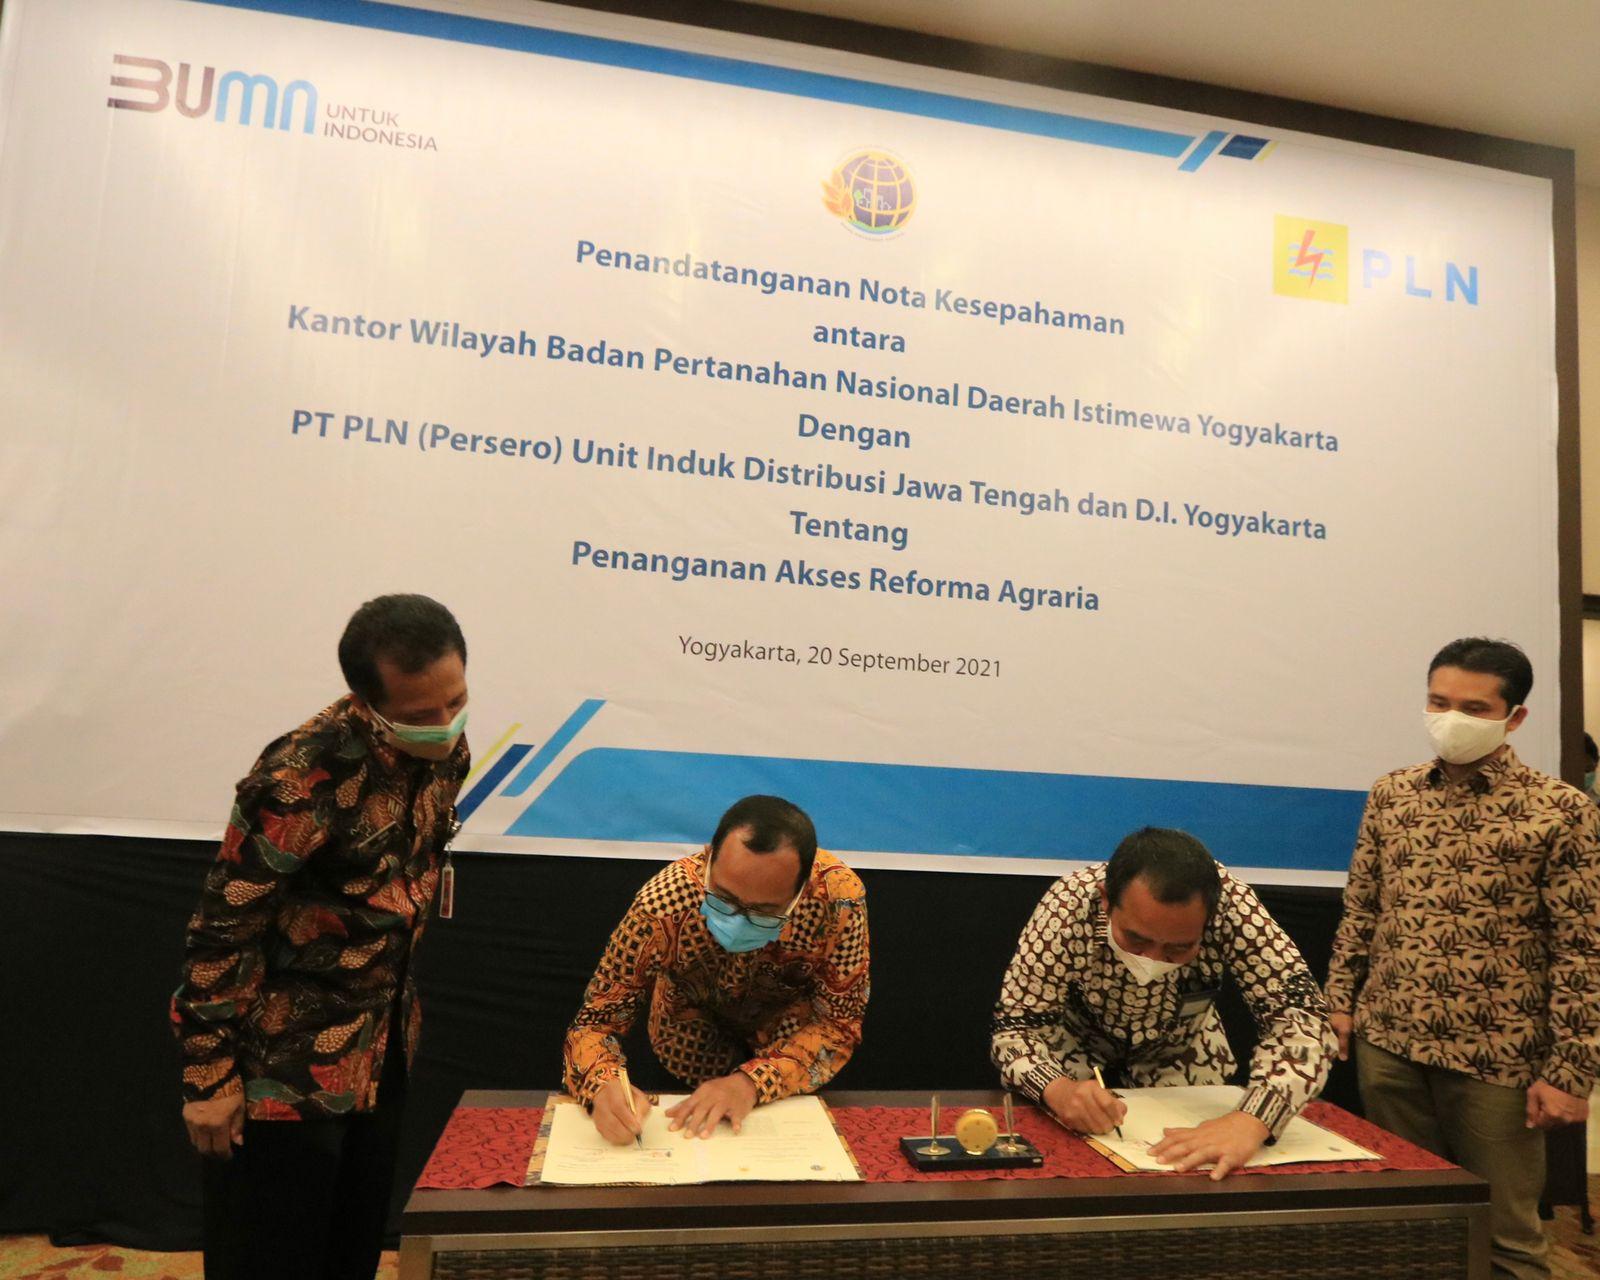 Penandatanganan Nota Kesepahaman PLN bersama Kantor Wilayah Badan Pertanahan Nasional (BPN) D.I. Yogyakarta tentang penanganan akses reforma agraria.